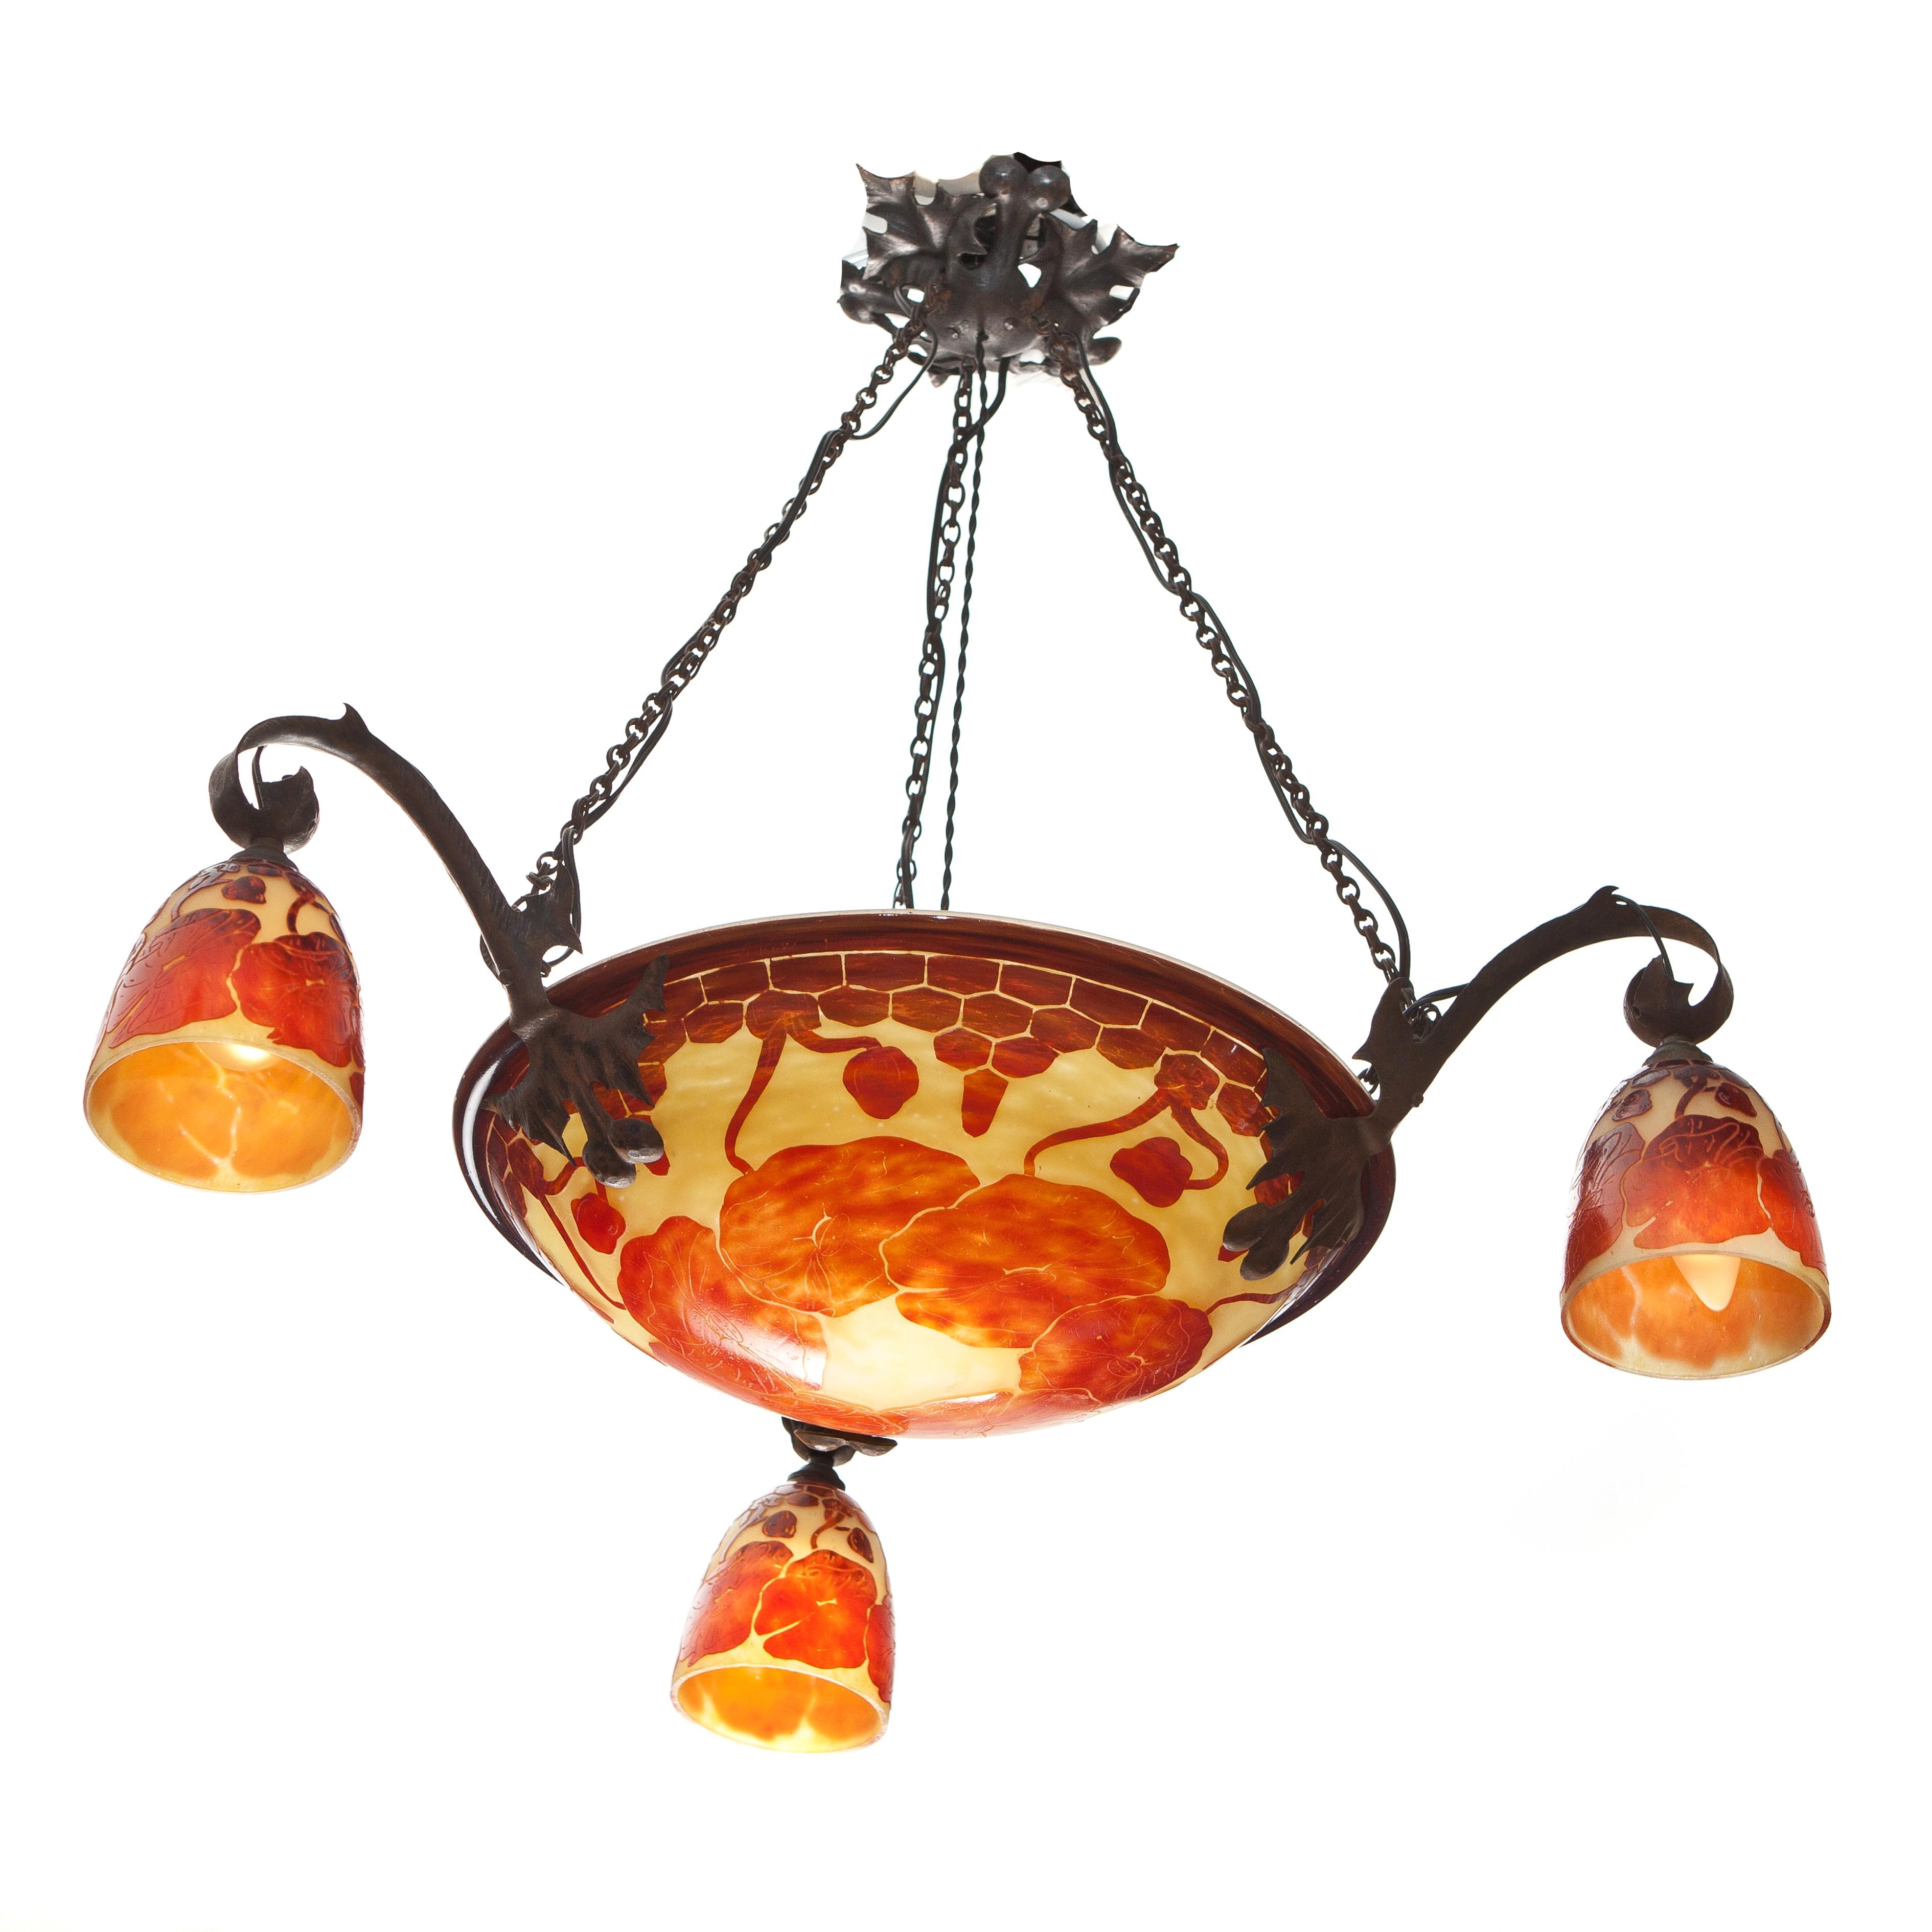 Le verre français ceiling lamp